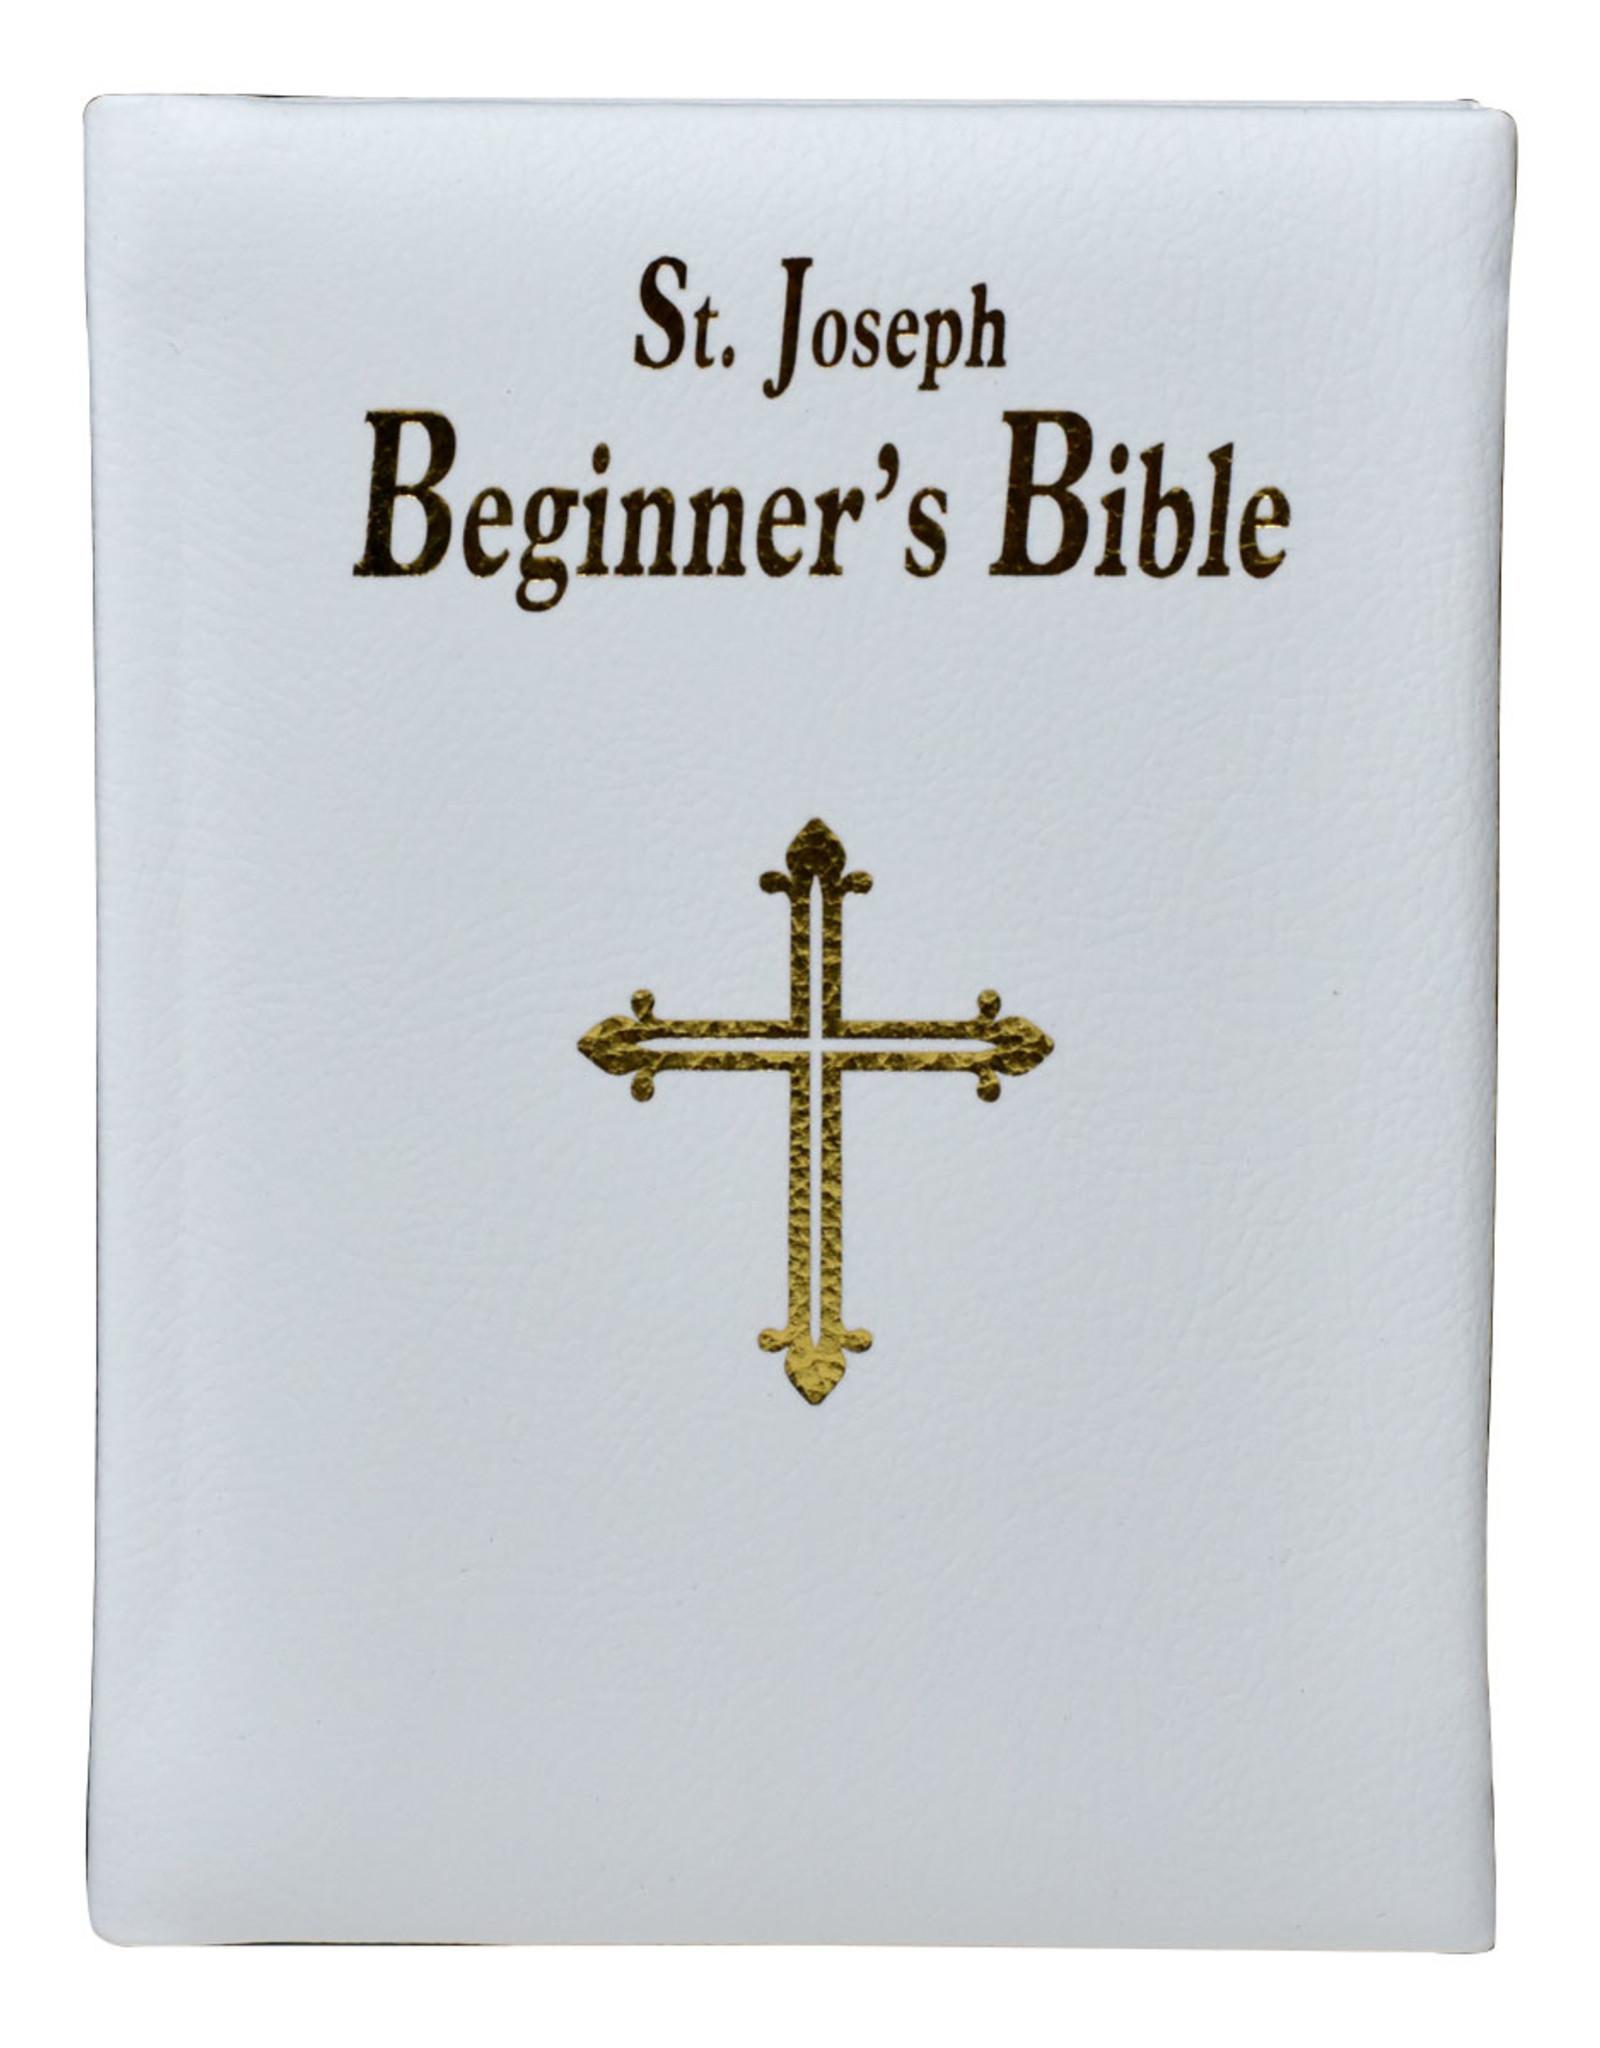 St Joseph Beginner's Bible - Burgundy or White